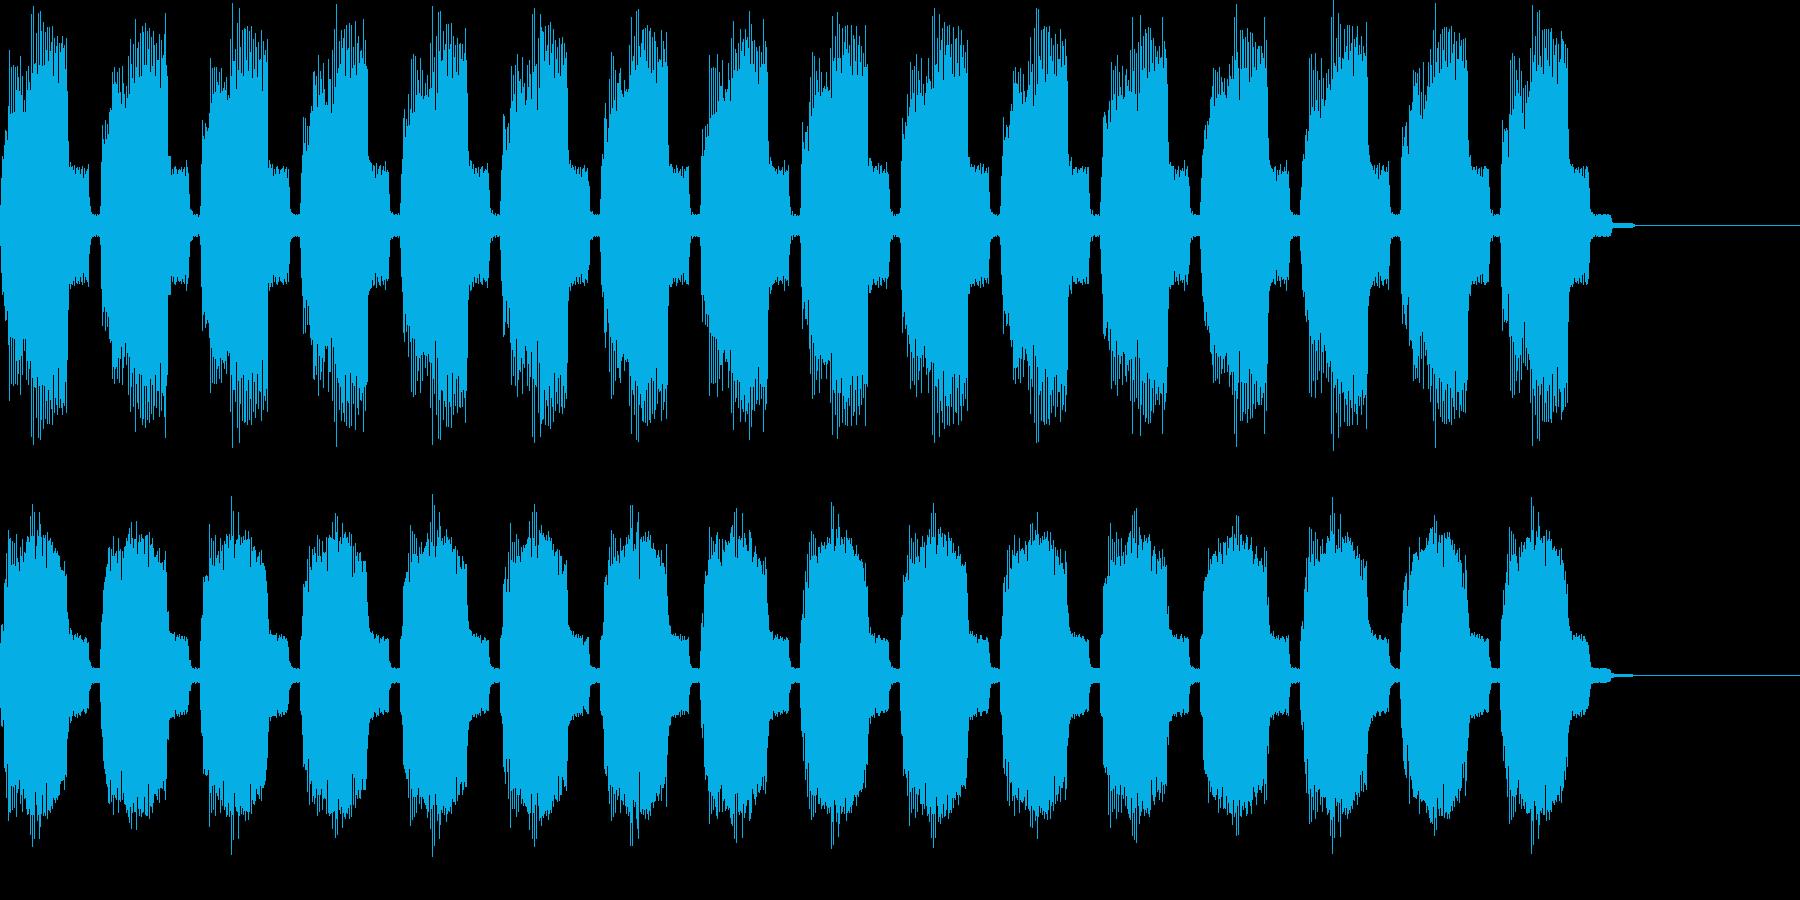 ビーッビーッ 警告音・サイレン2の再生済みの波形